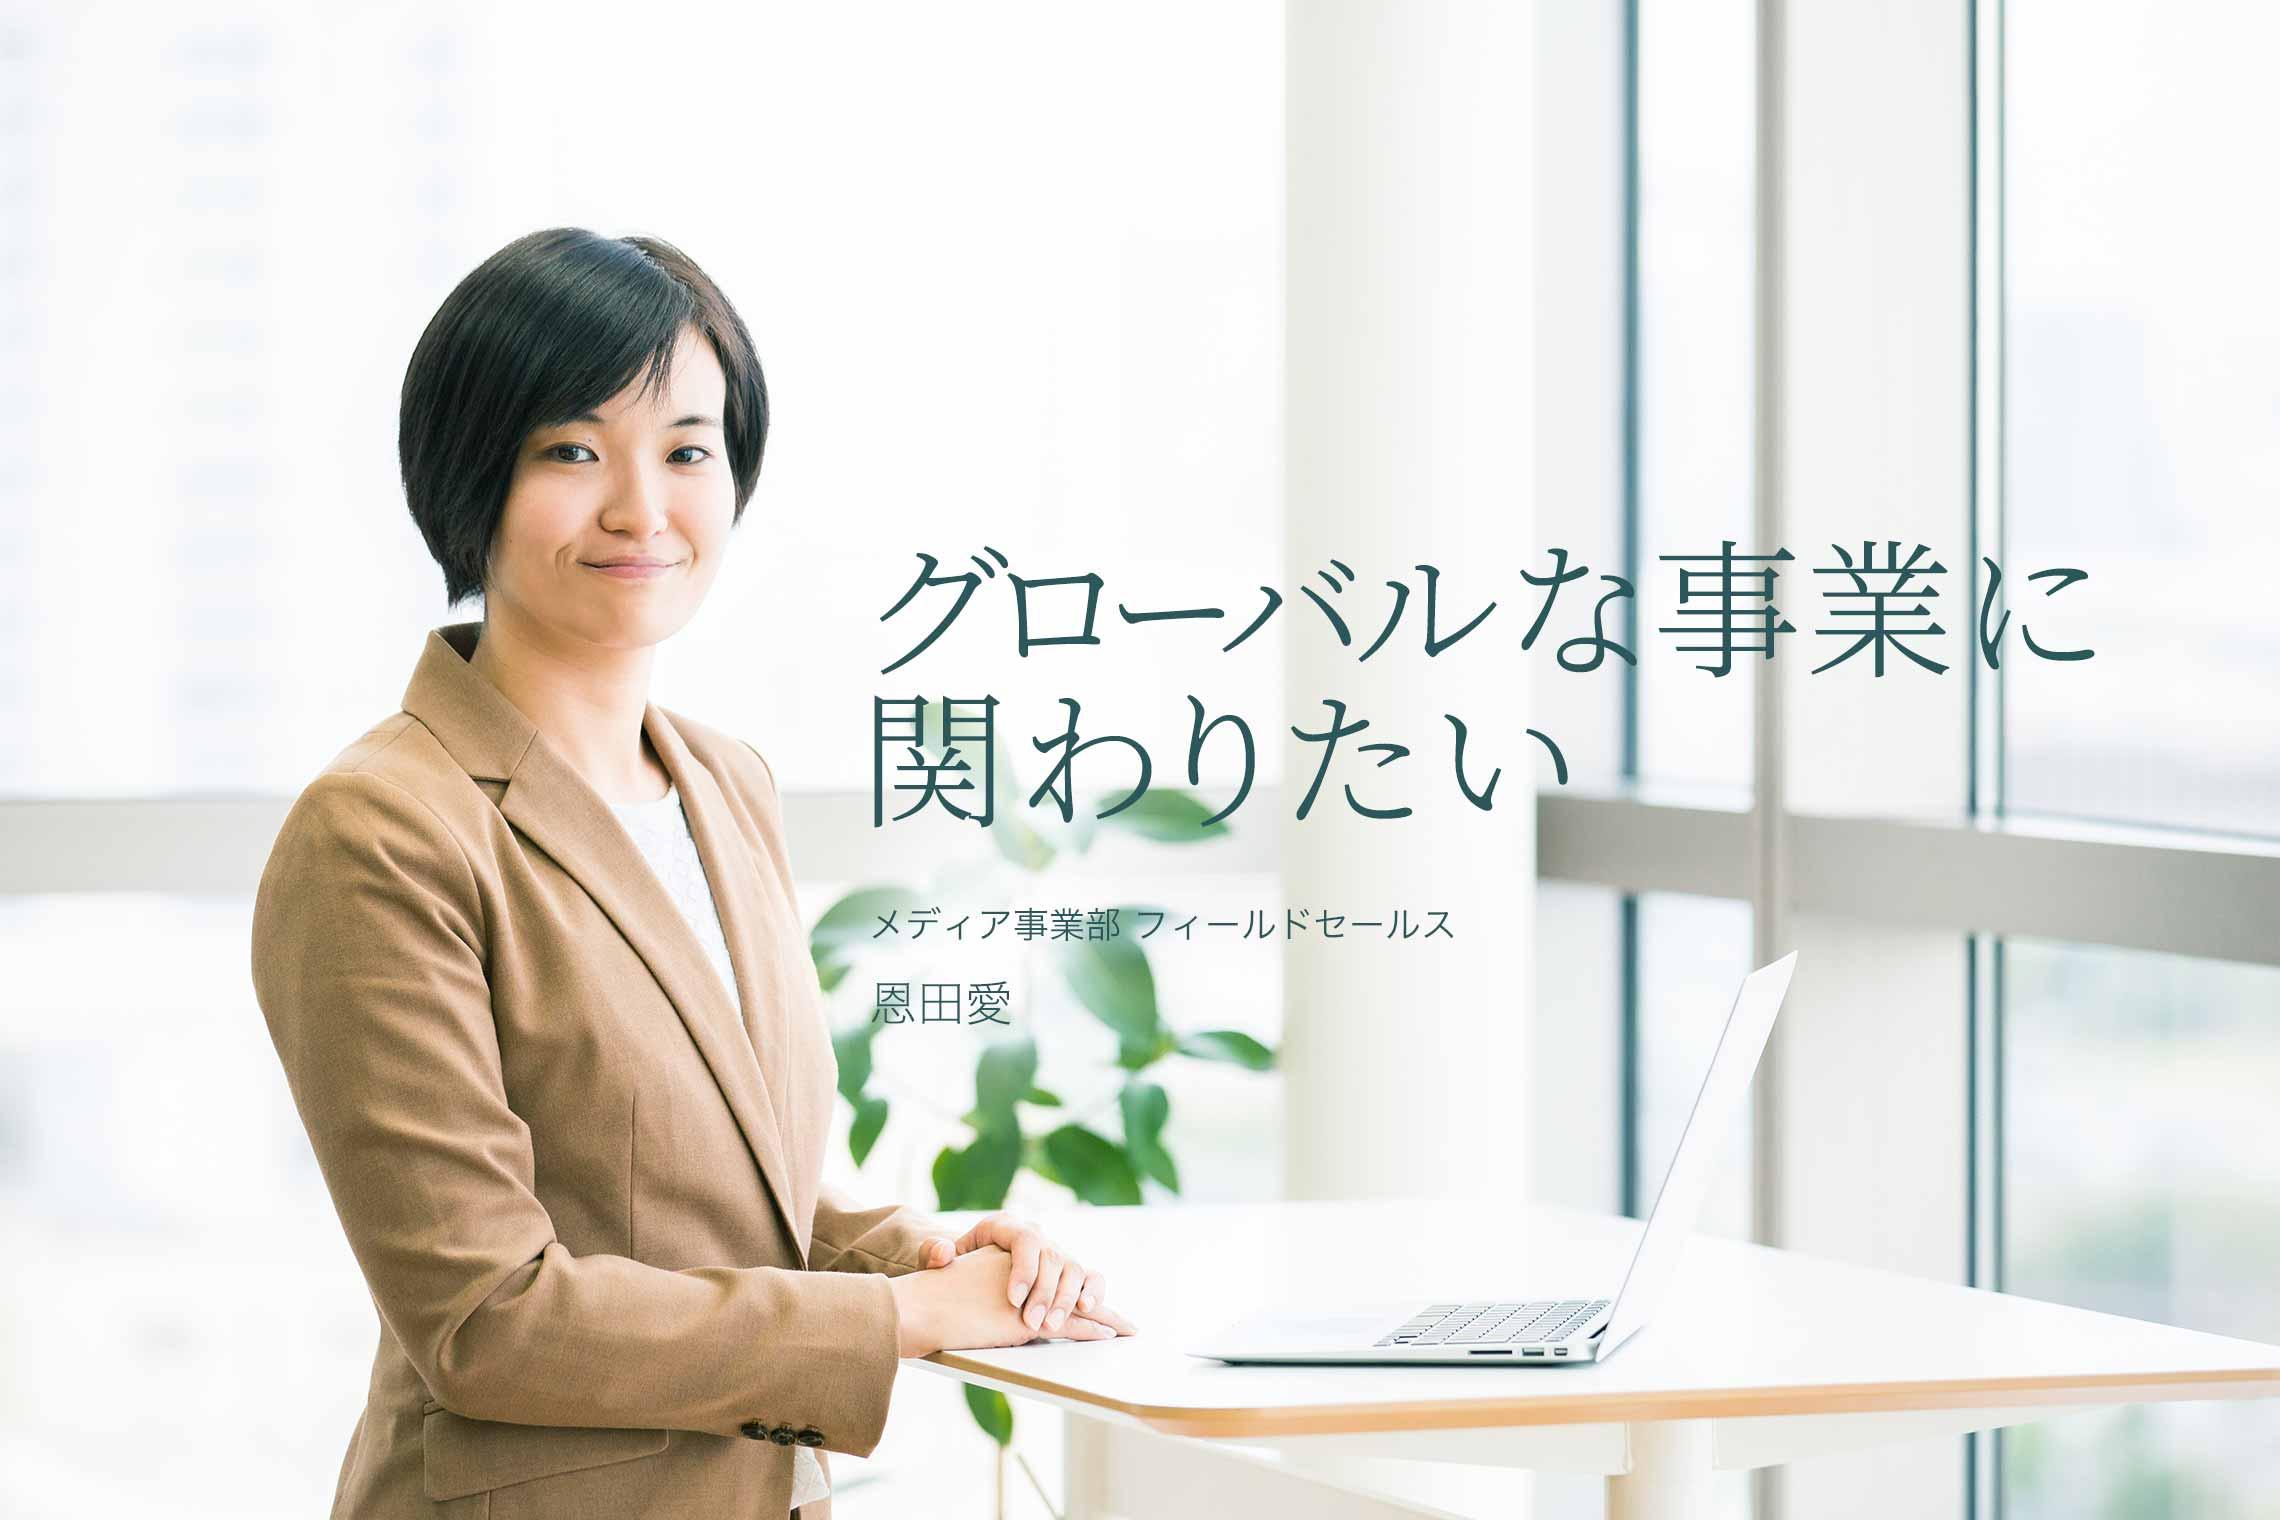 グローバルな事業に関わりたい メディア事業部 フィールドセールス  恩田愛